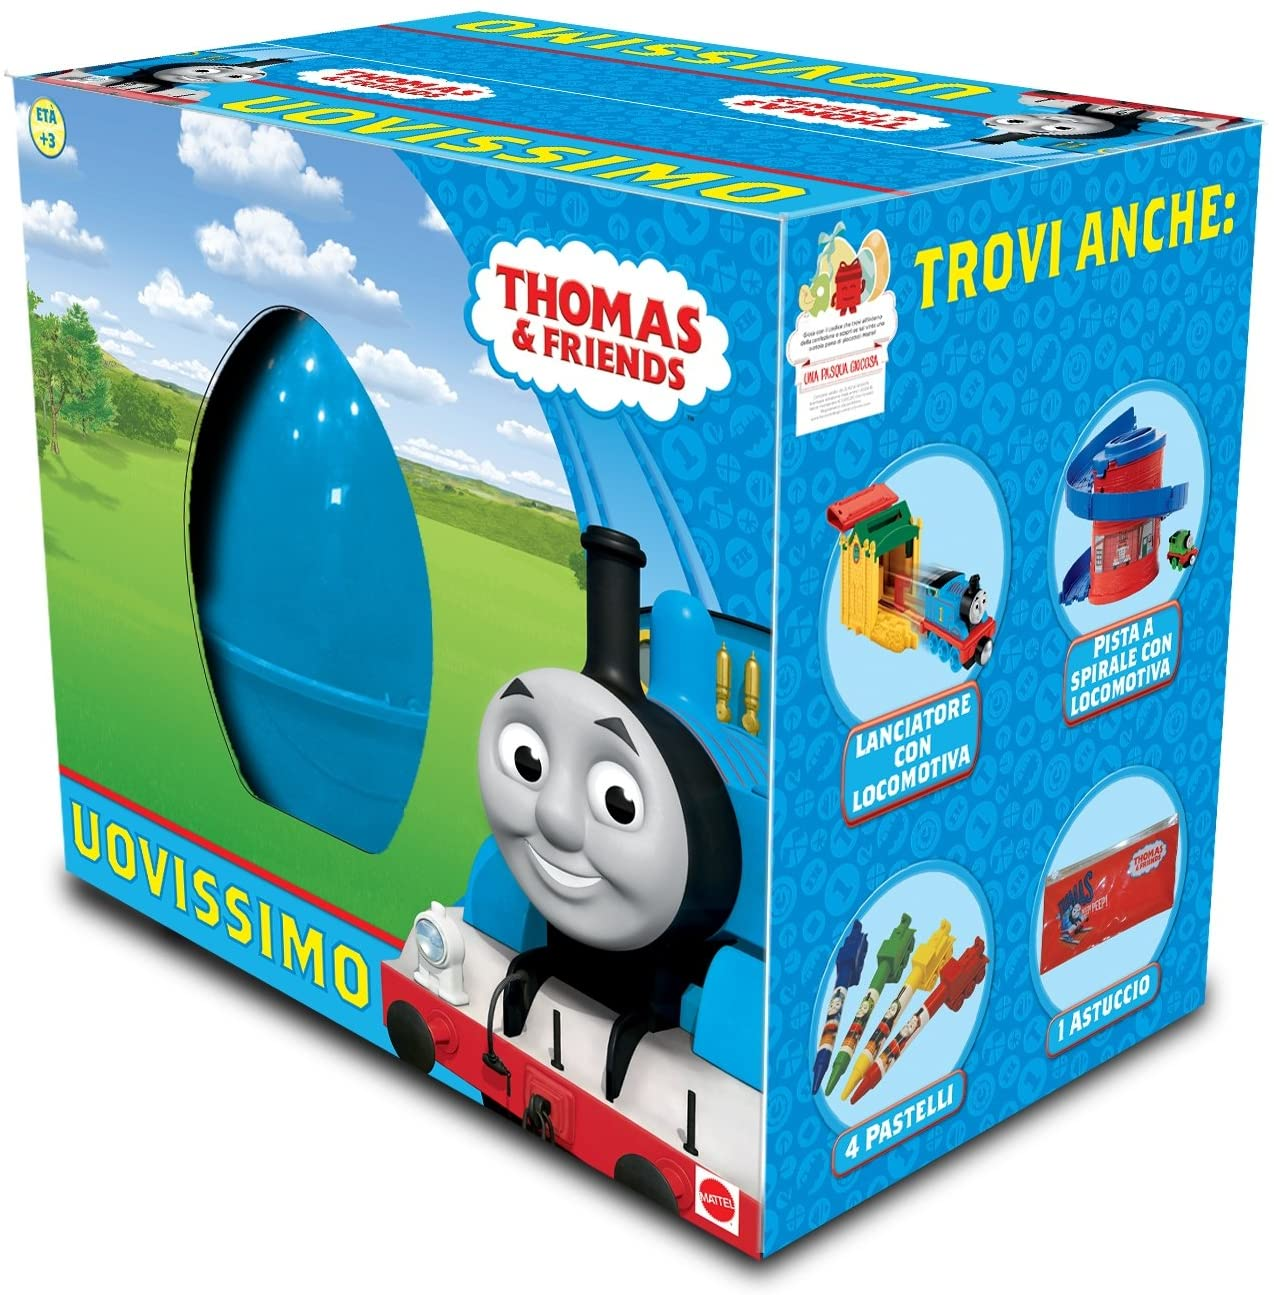 Uovissimo Trenino Thomas